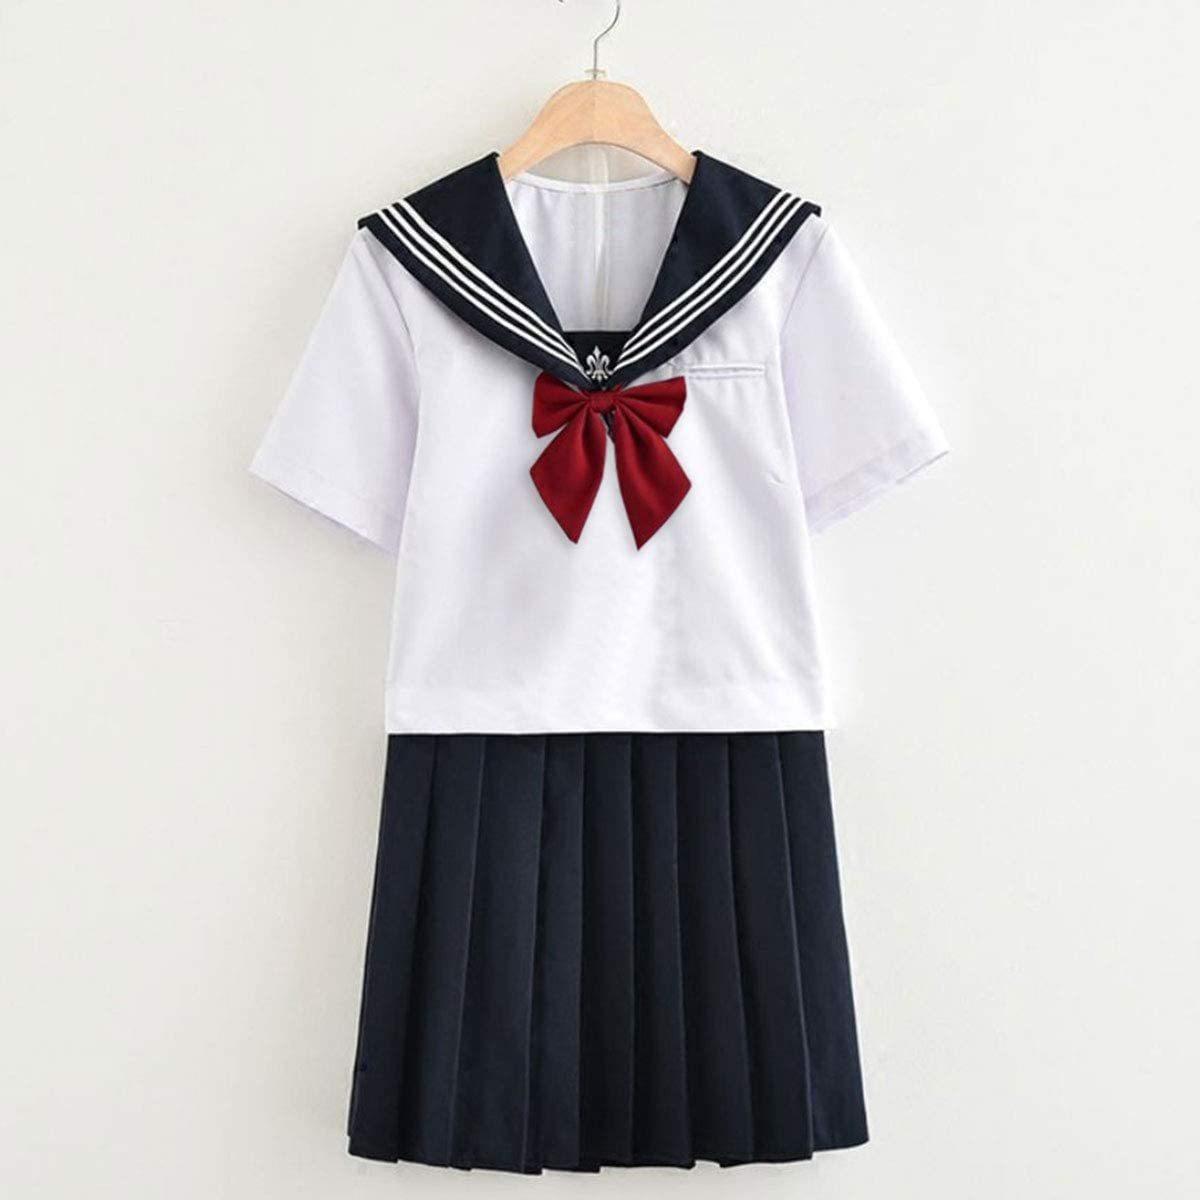 セーラー服コスプレ女子高生制服コスチューム白紺赤XLサイズ半袖×ミニスカート_画像4